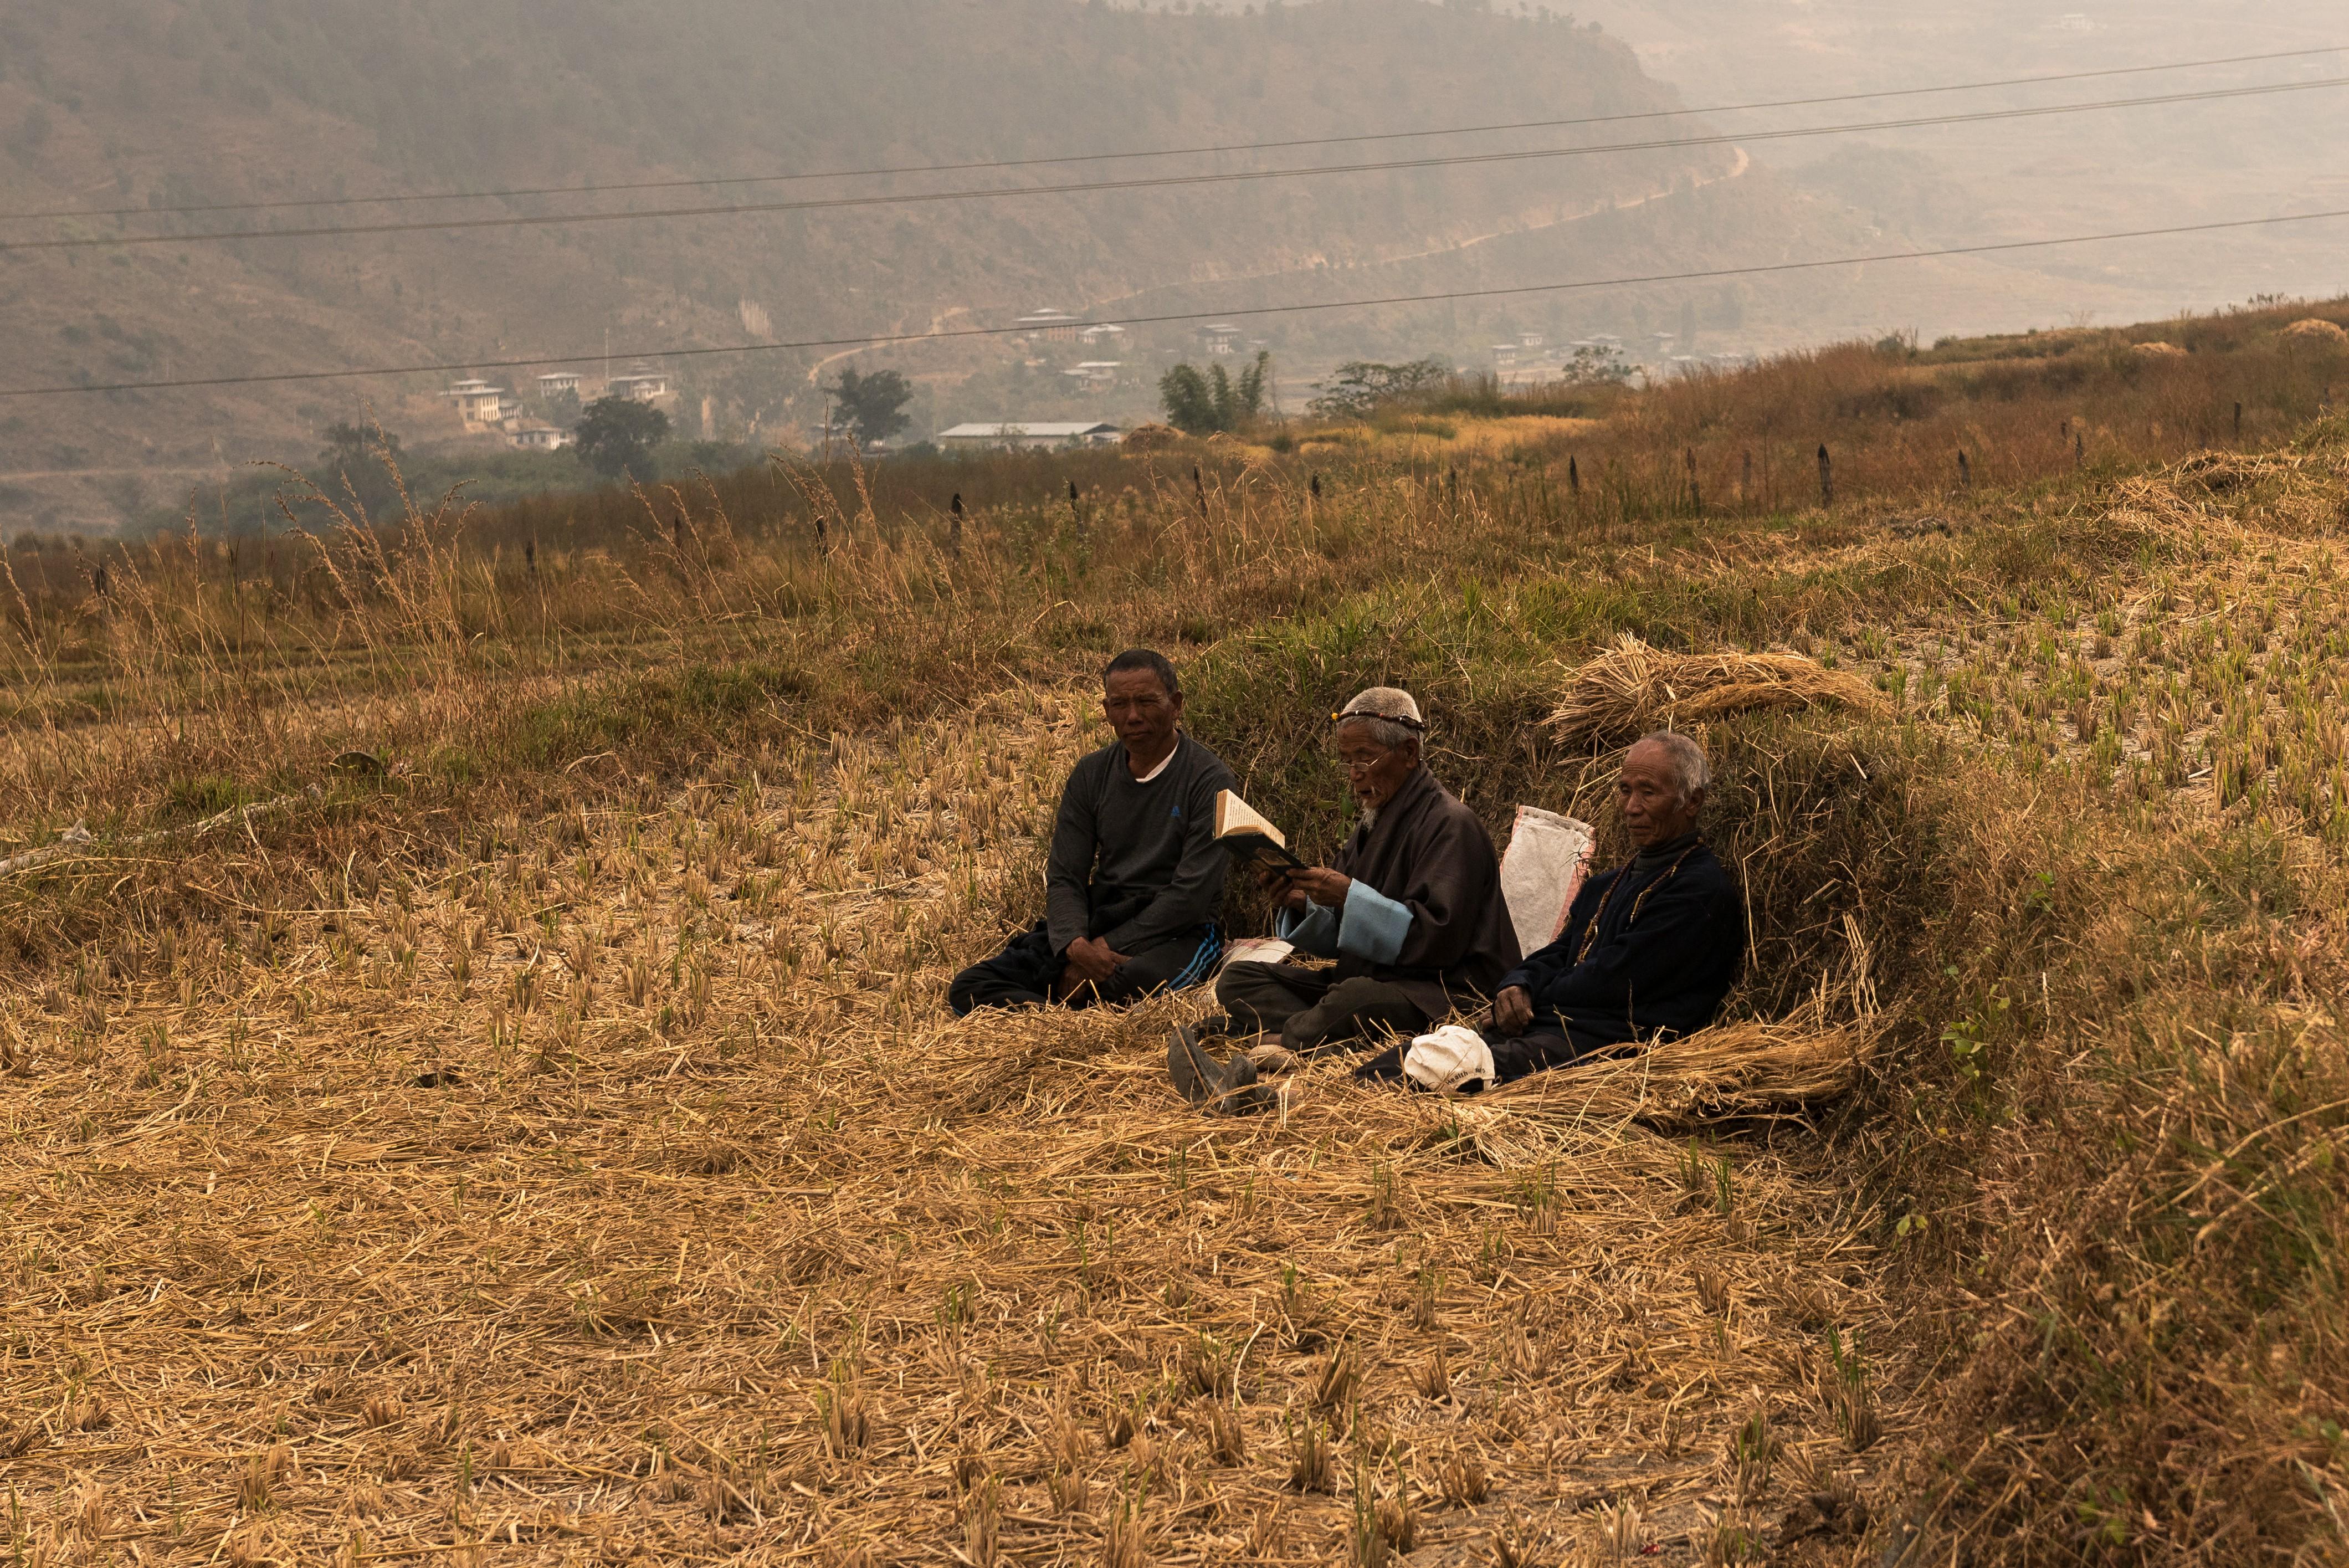 La oración forma parte de la vida cotidiana de los butaneses, y la practican tanto en grupo como en soledad